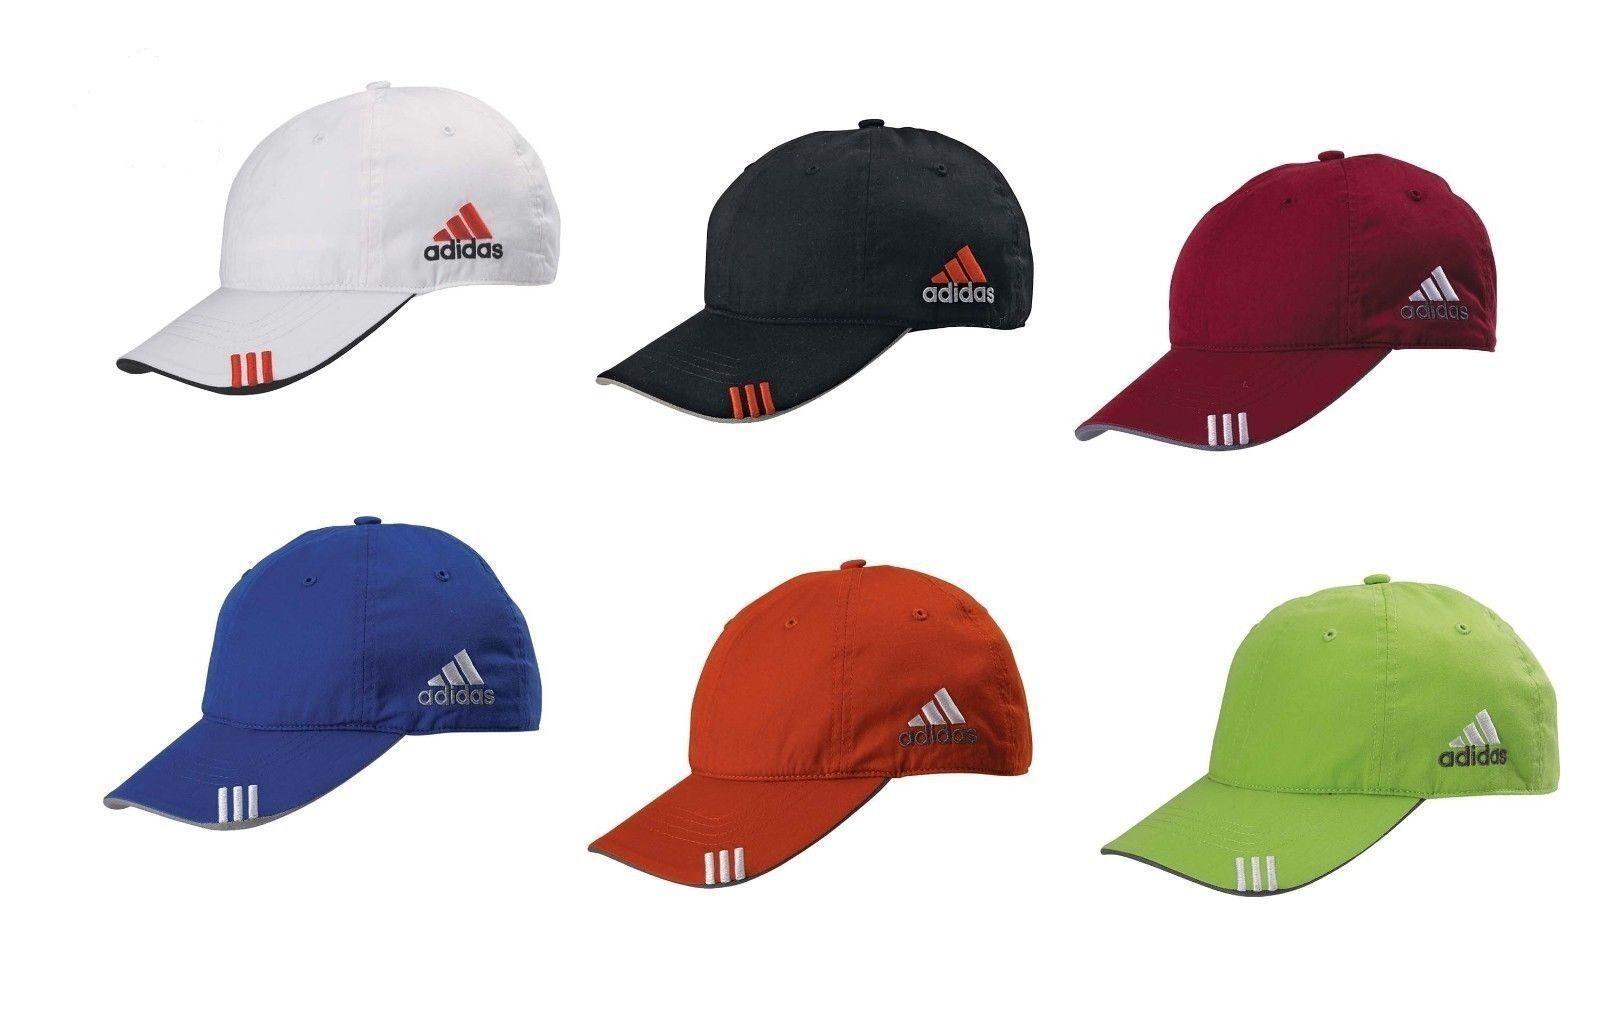 d45c214dbd9 ADIDAS GOLF 3-Stripes Hat